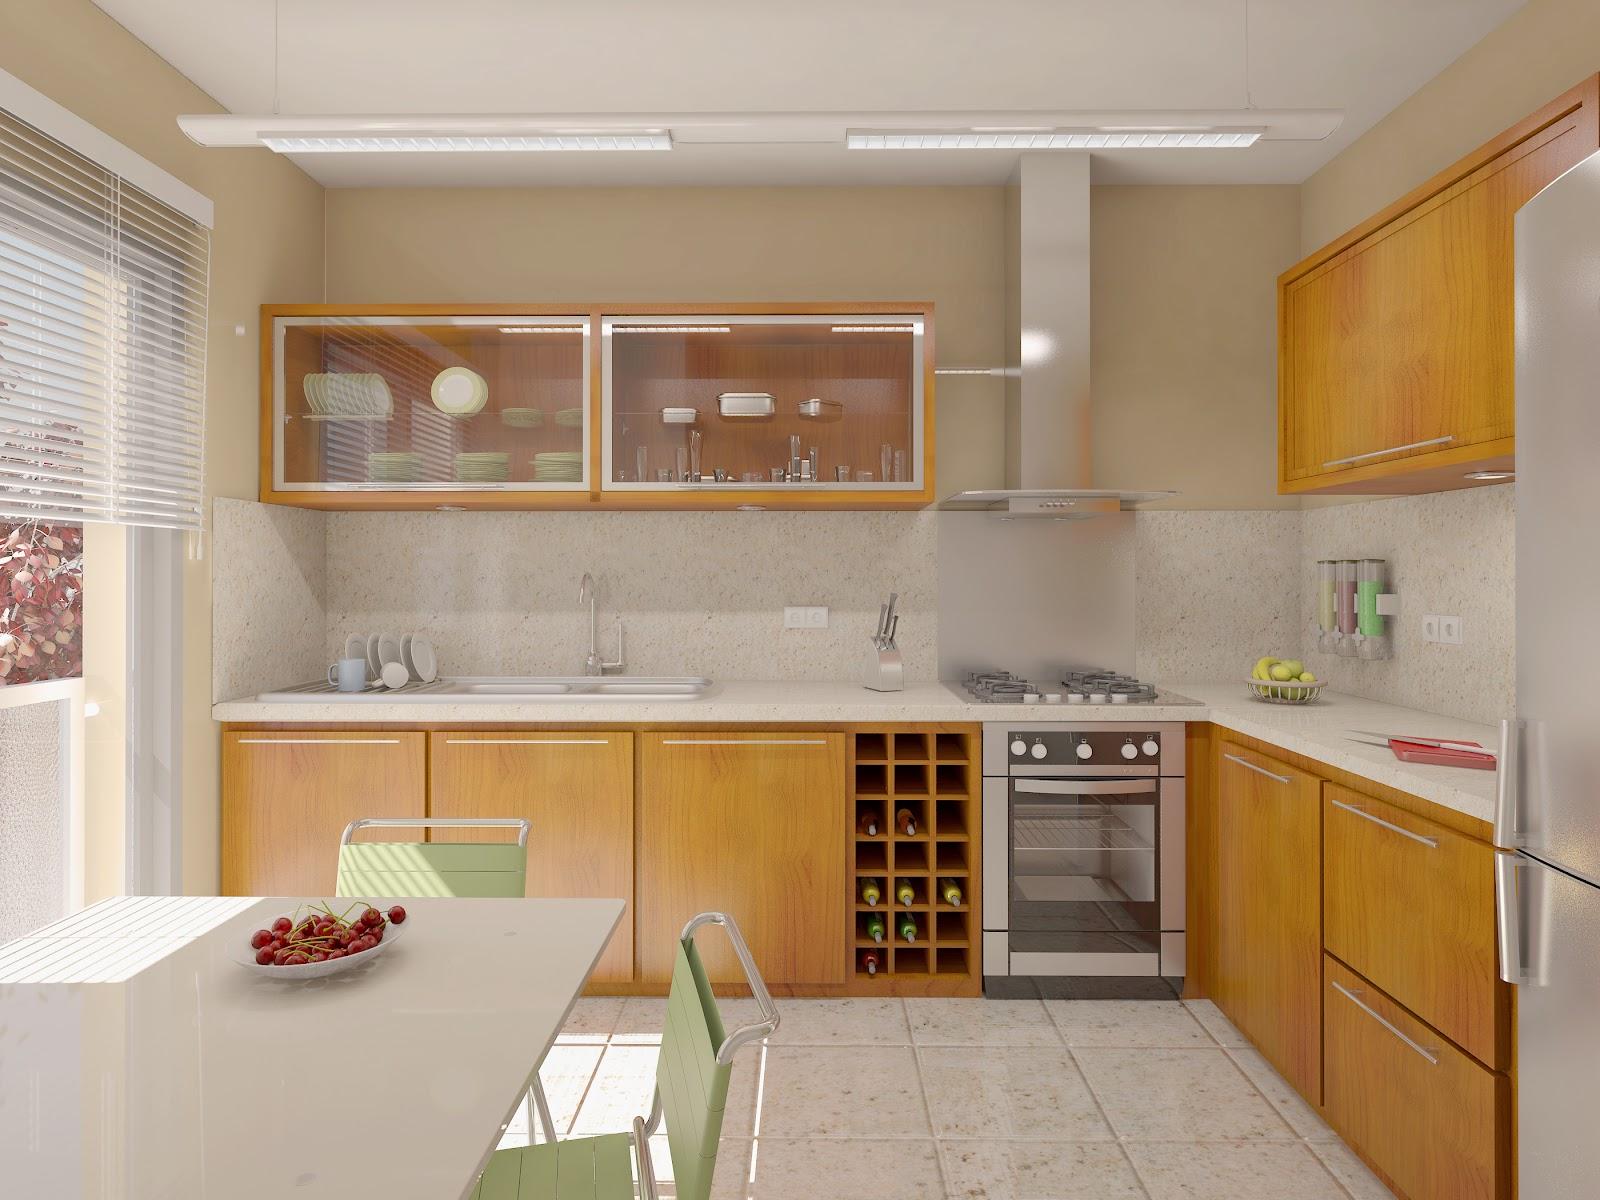 Curso Online Revit Architecture 11 5 Familias Cocinas I ~ Programa Para Diseñar Cocinas Gratis